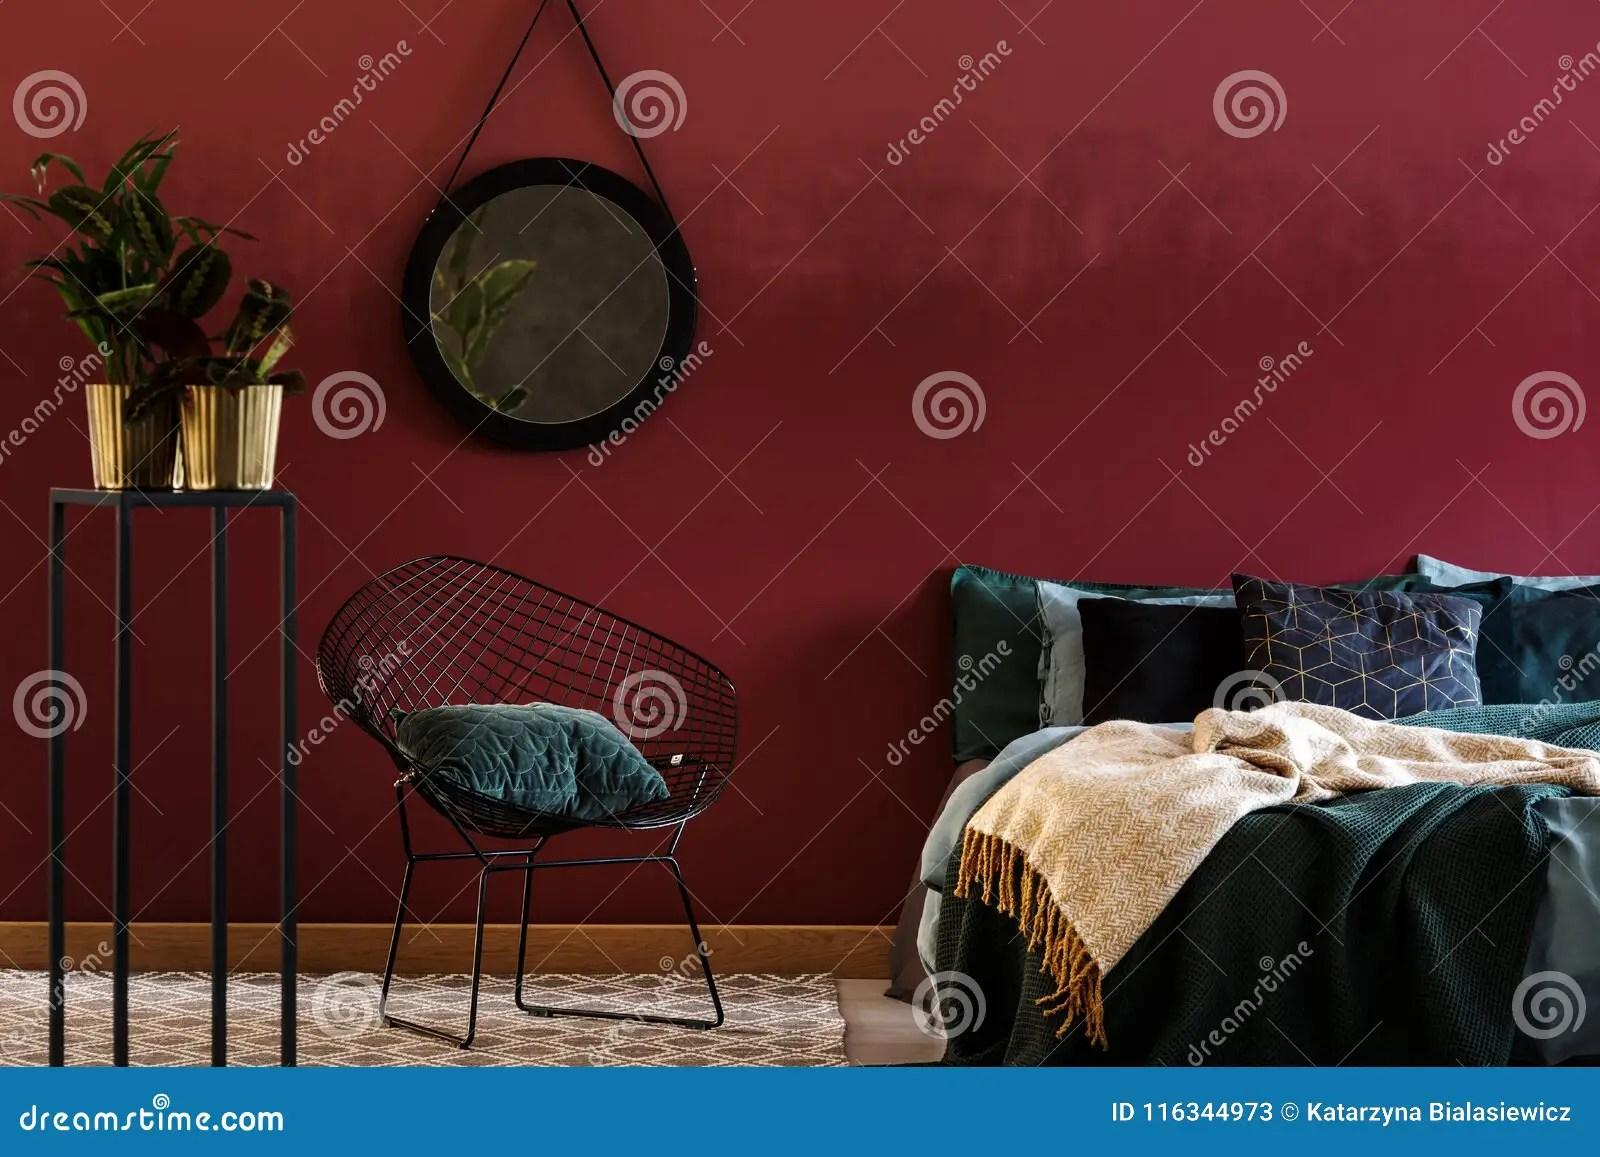 dark red bedroom interior